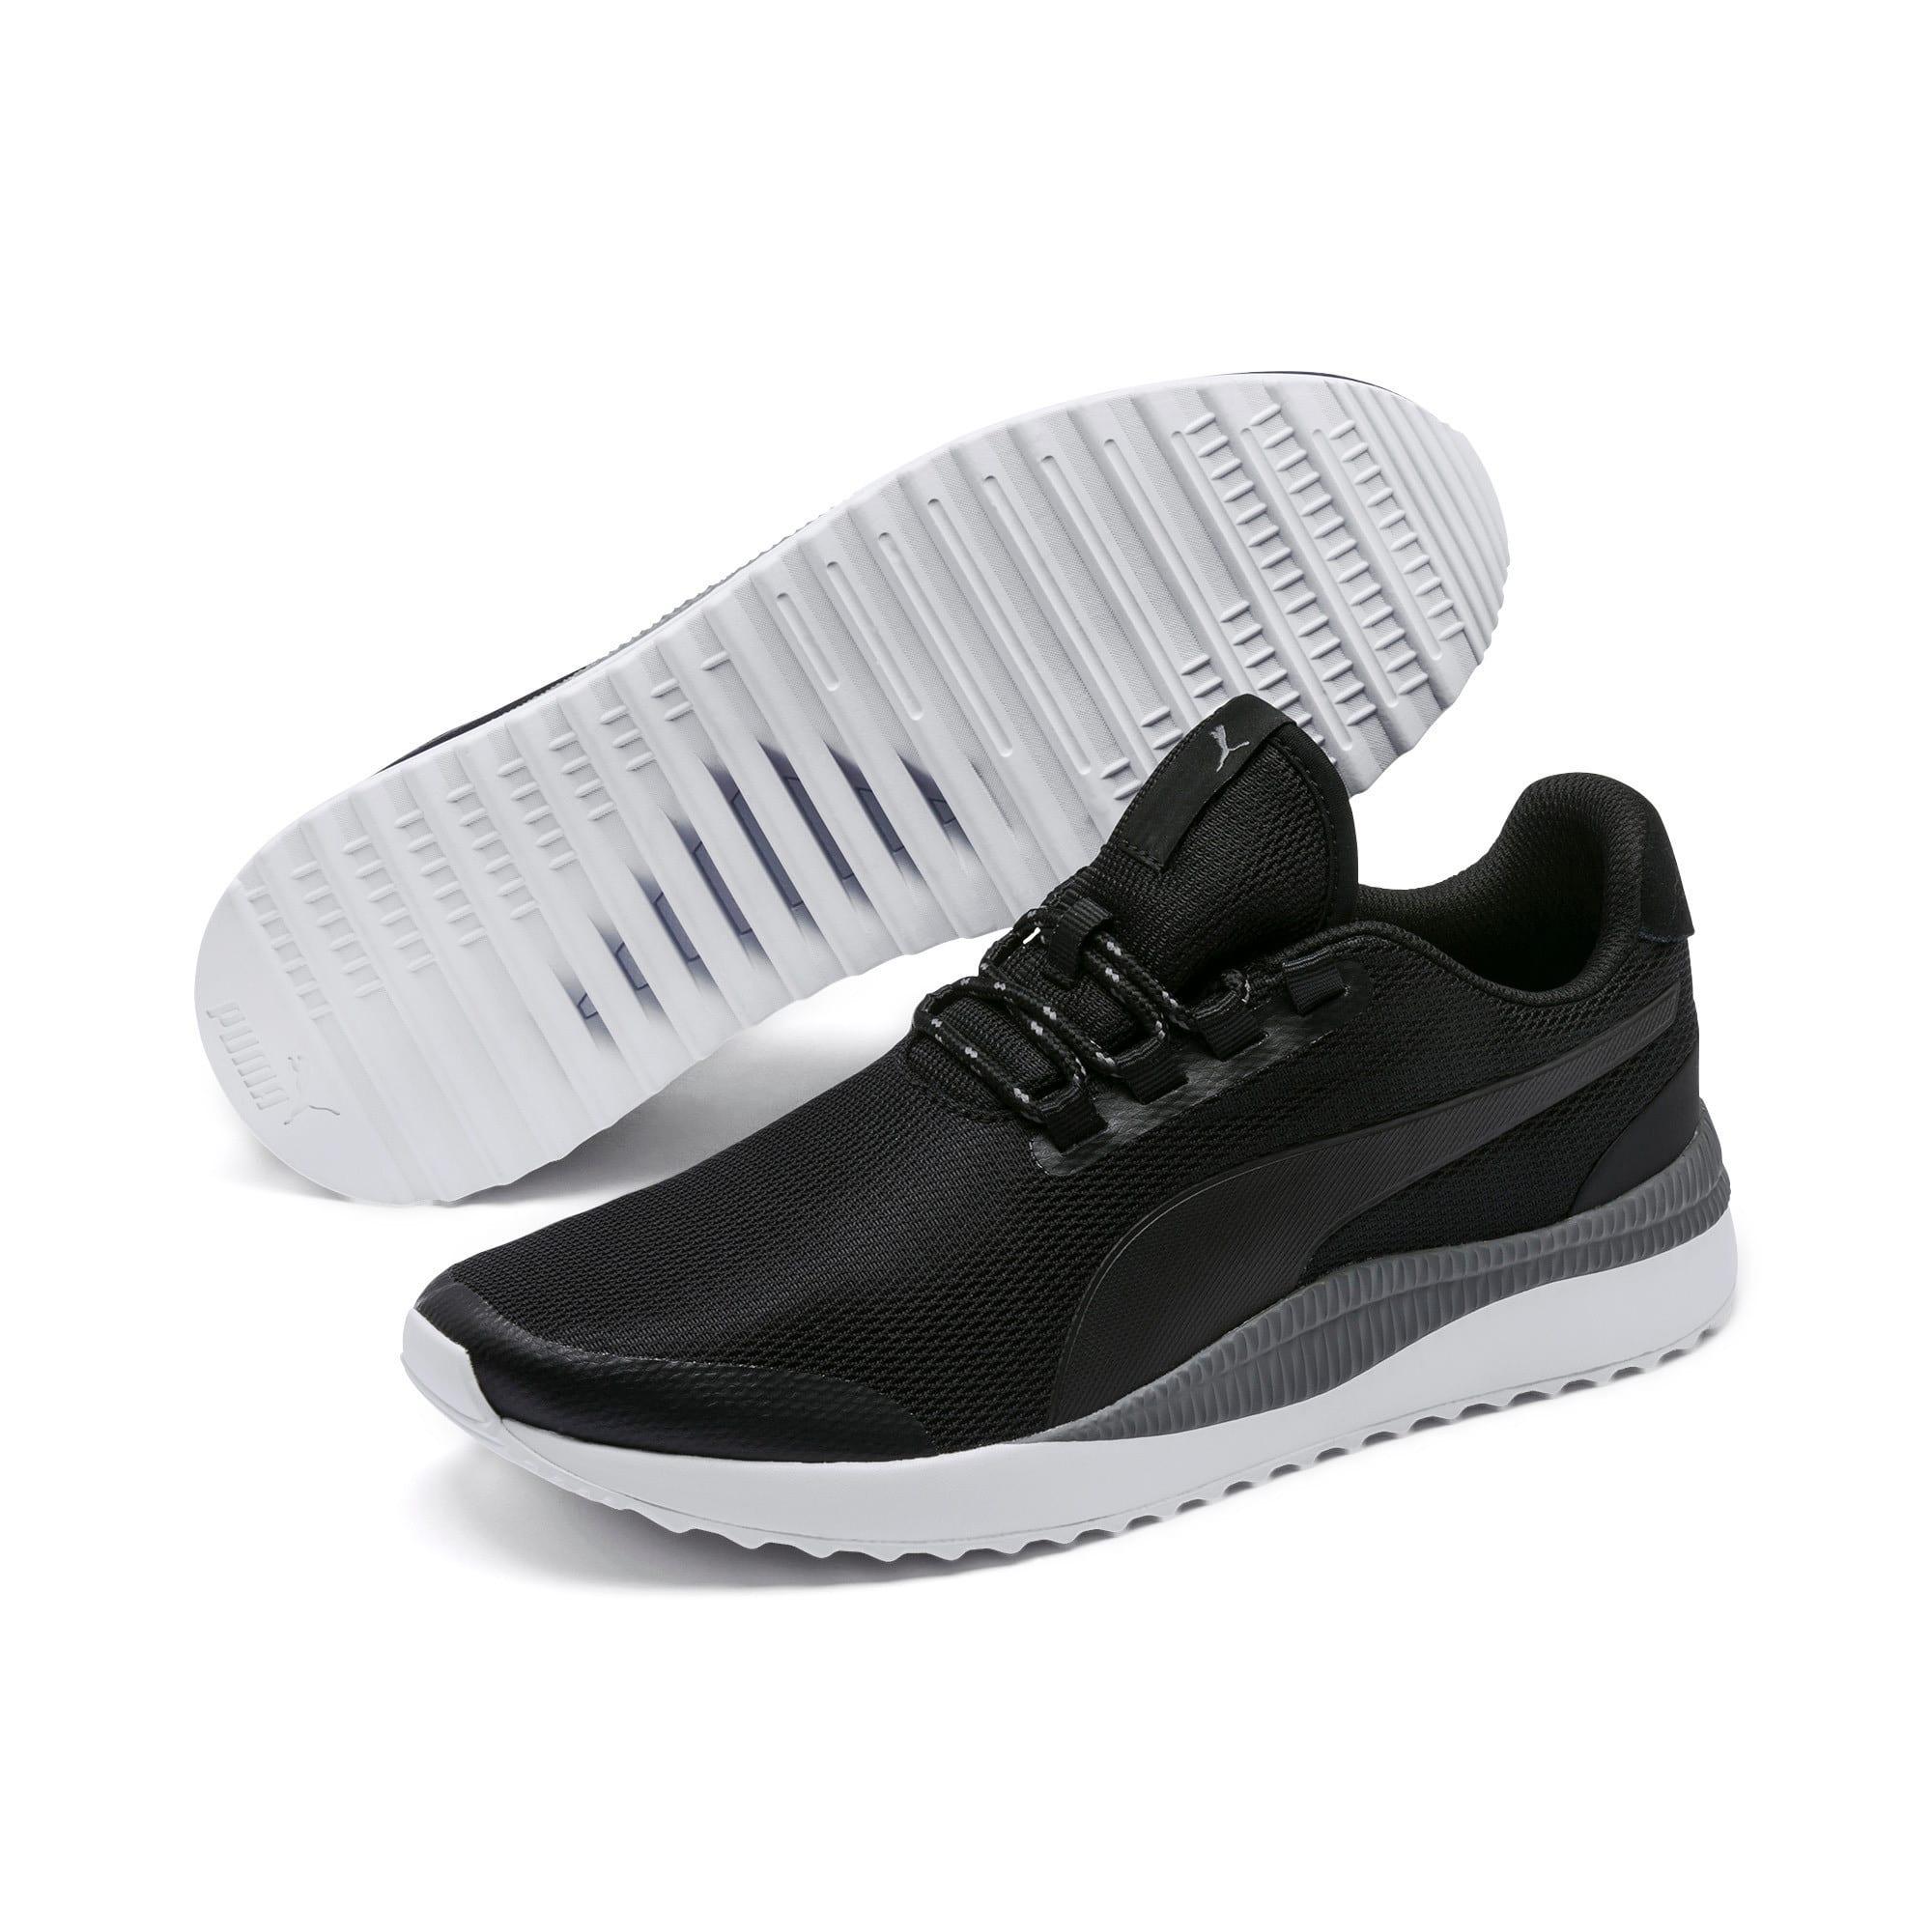 Miniatura 2 de Zapatos deportivosPacer Next FS, Puma Black-Iron Gate, mediano